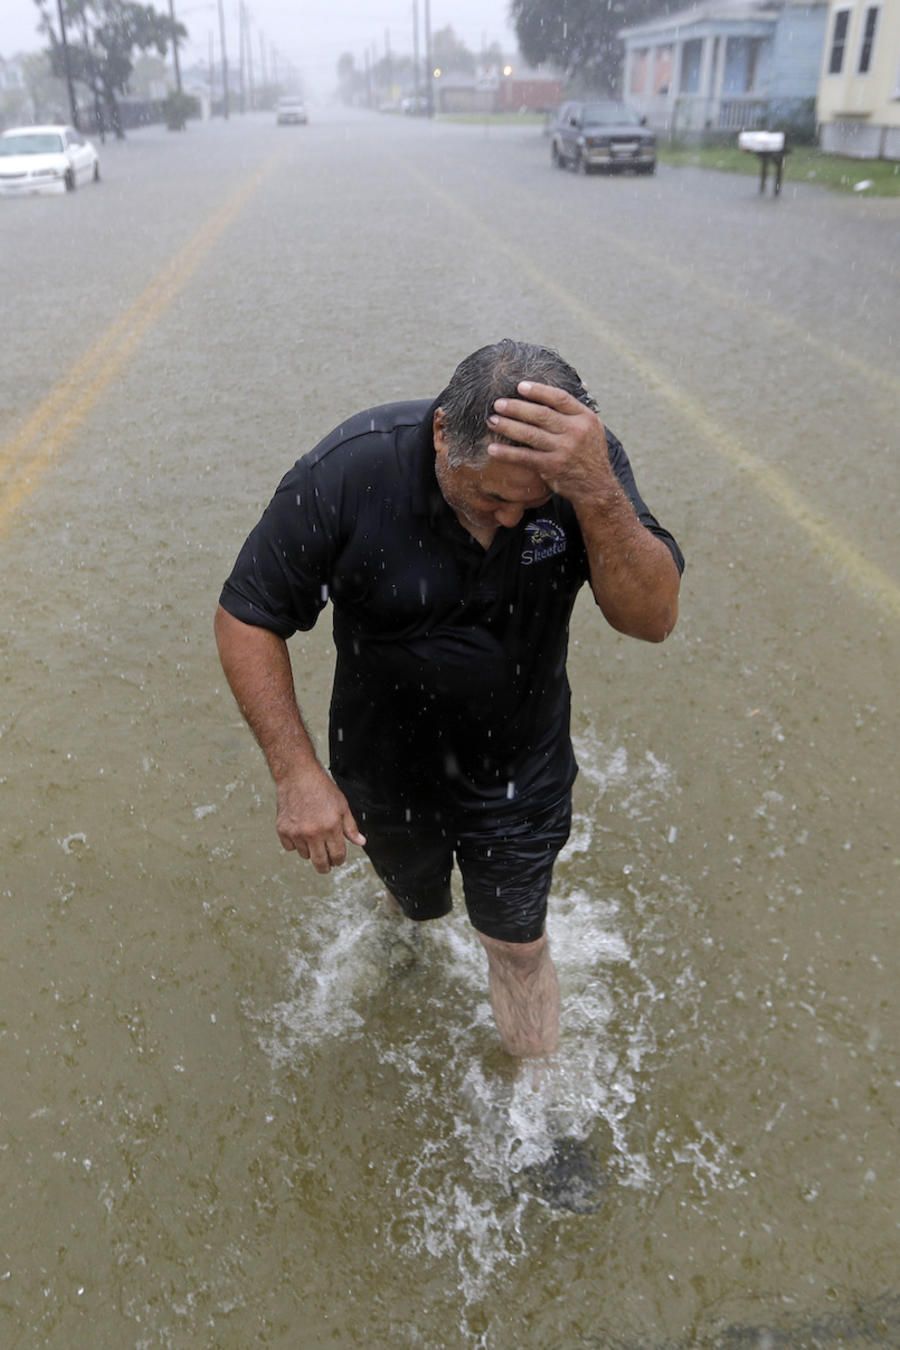 Imagen de las inundaciones causadas por la tormenta Imelda en Galveston, Texas.